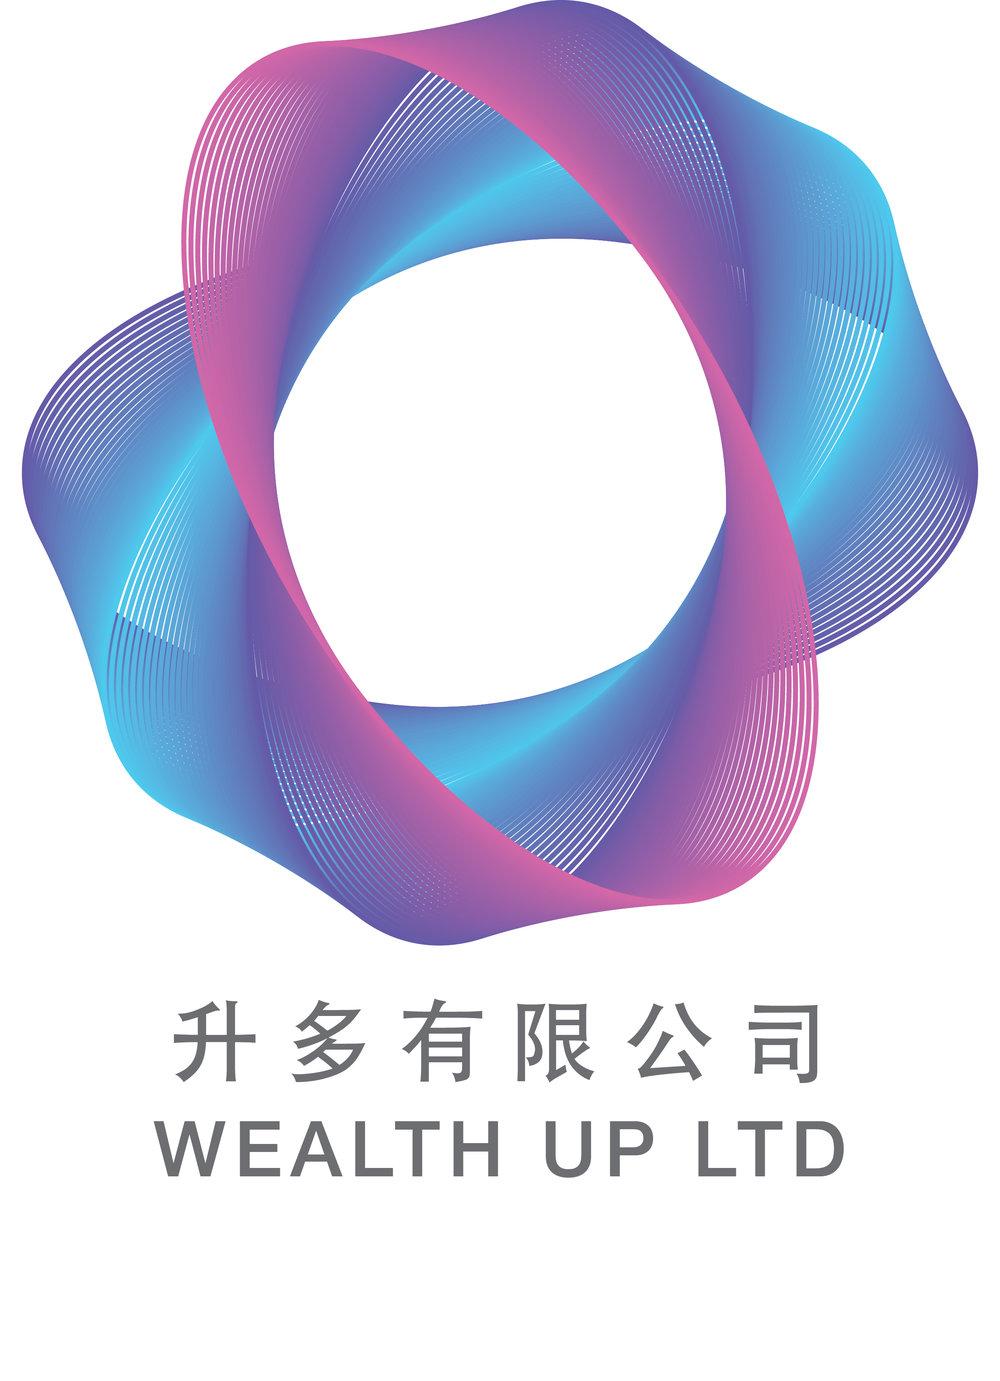 W_U Logo.jpg